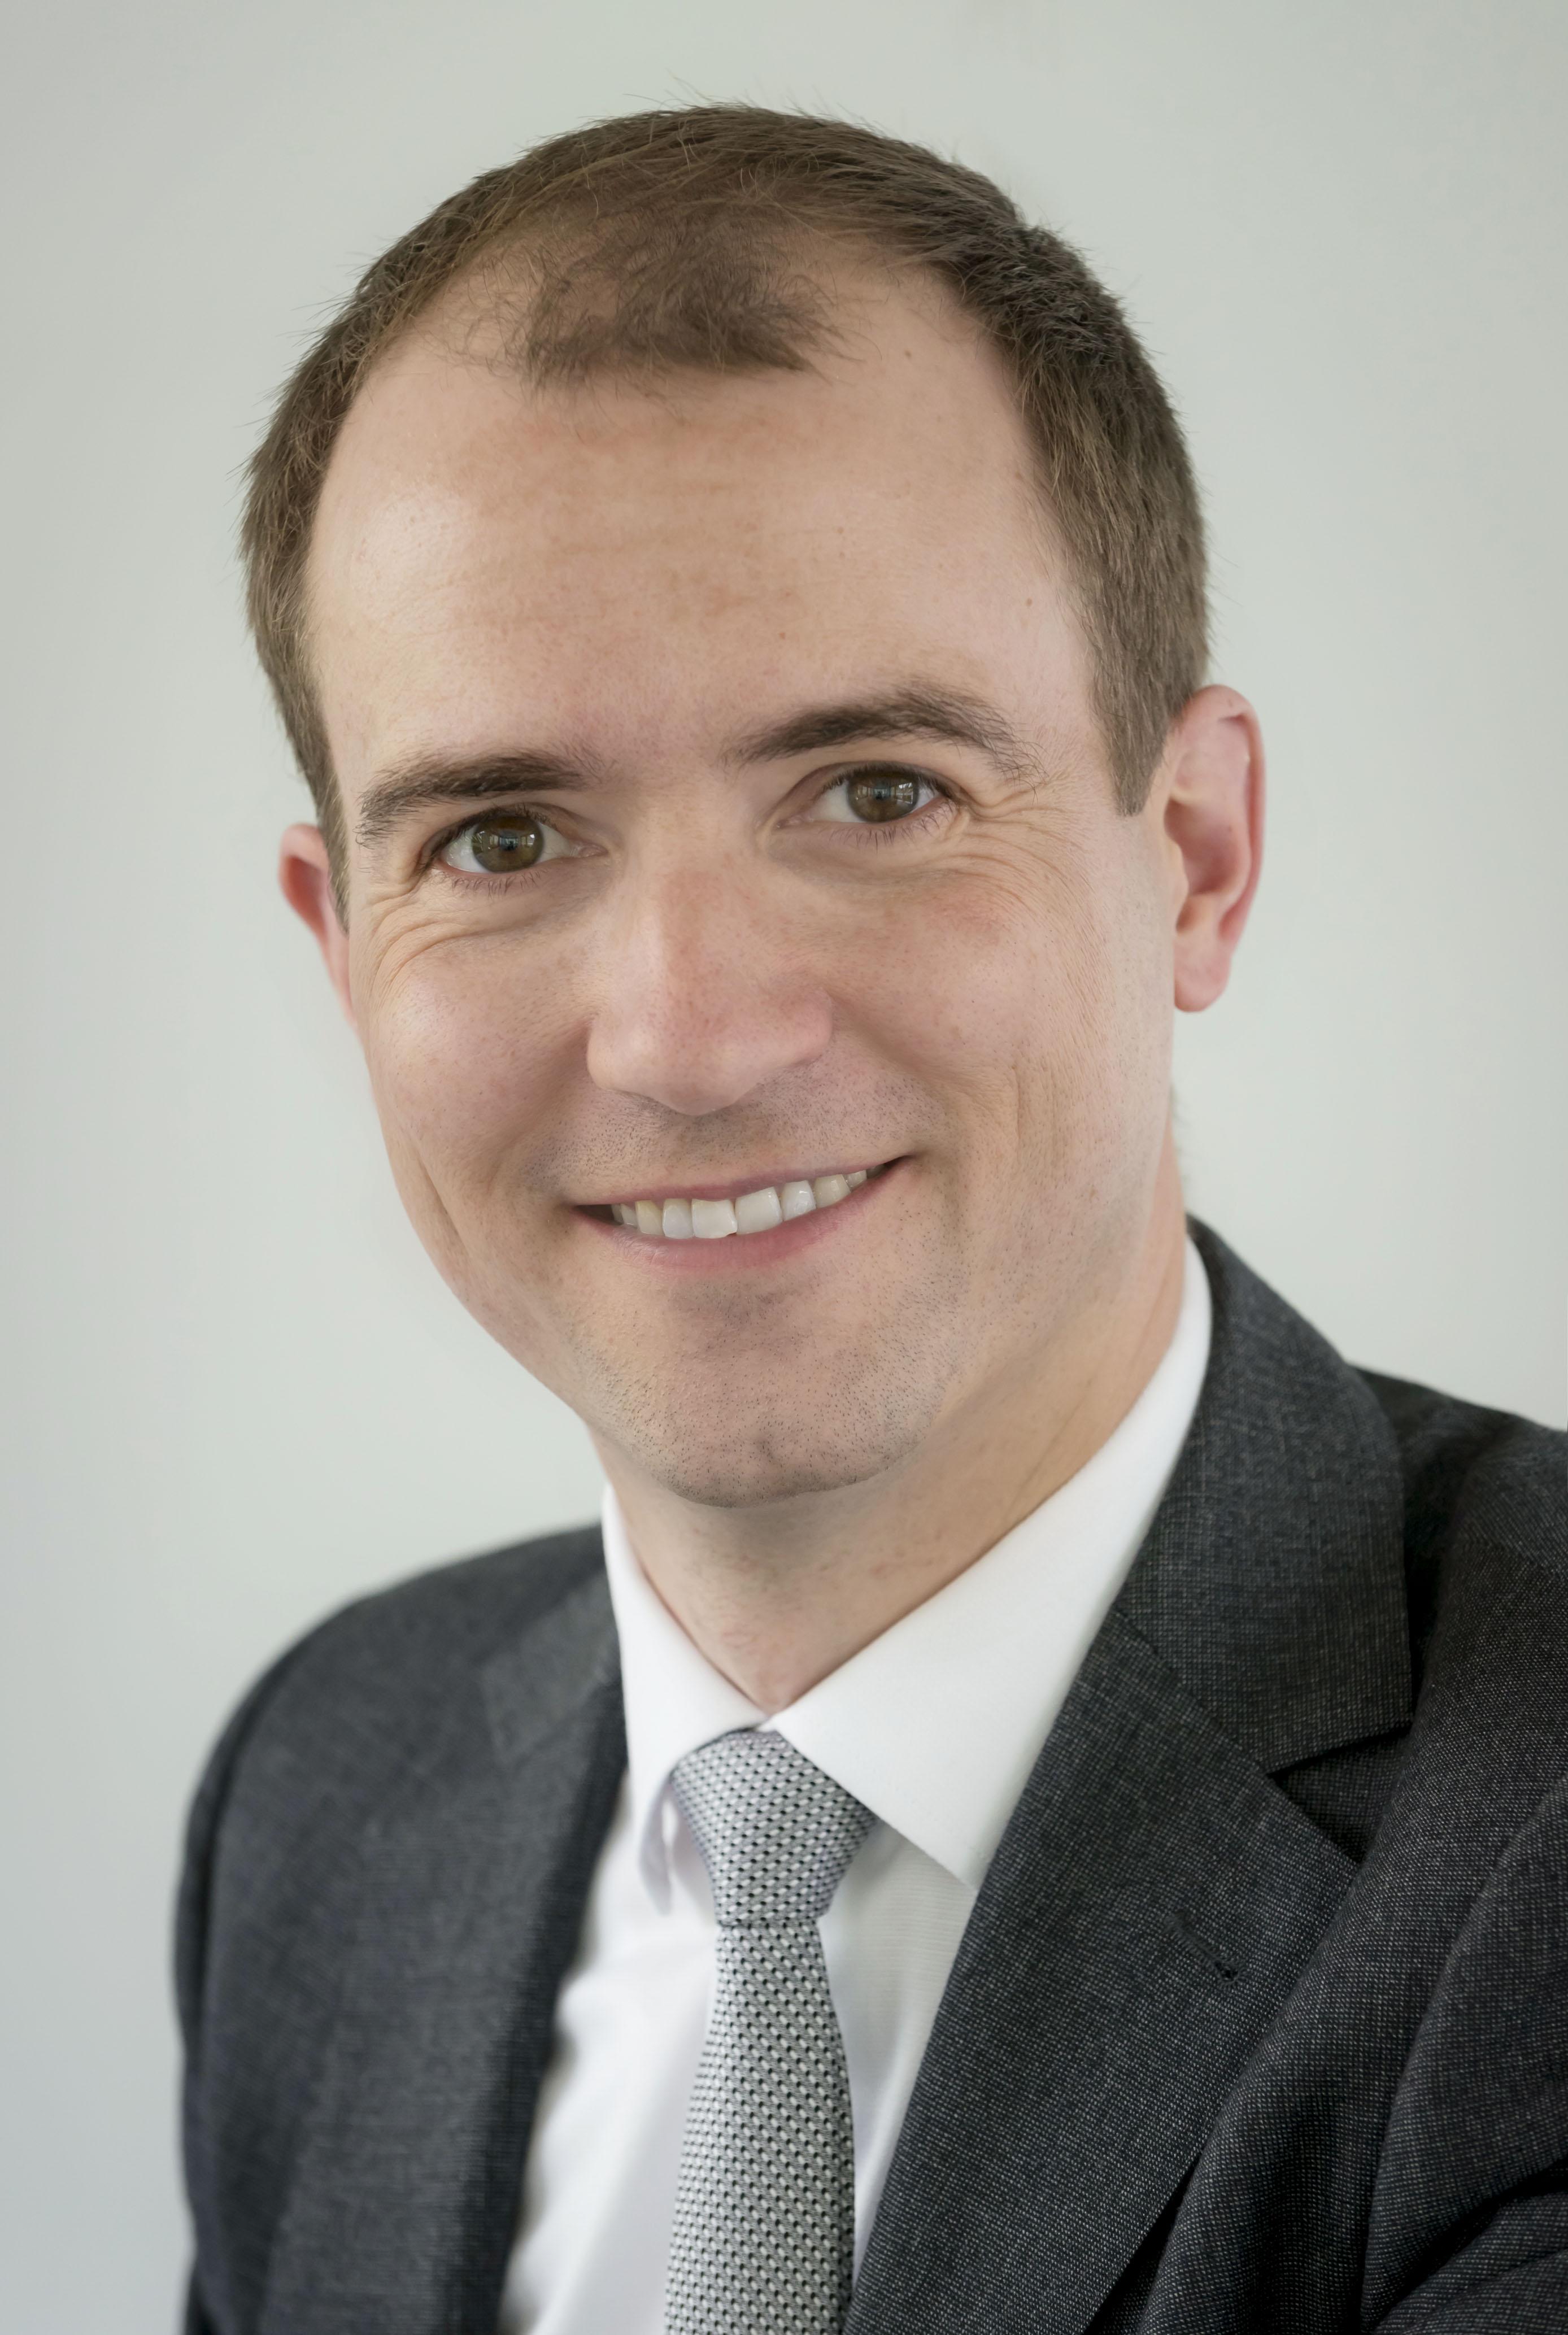 Tobias Schäfers ist Juniorprofessor am Lehrstuhl für Marketing an  der TU Dortmund. Foto: Heike Rost